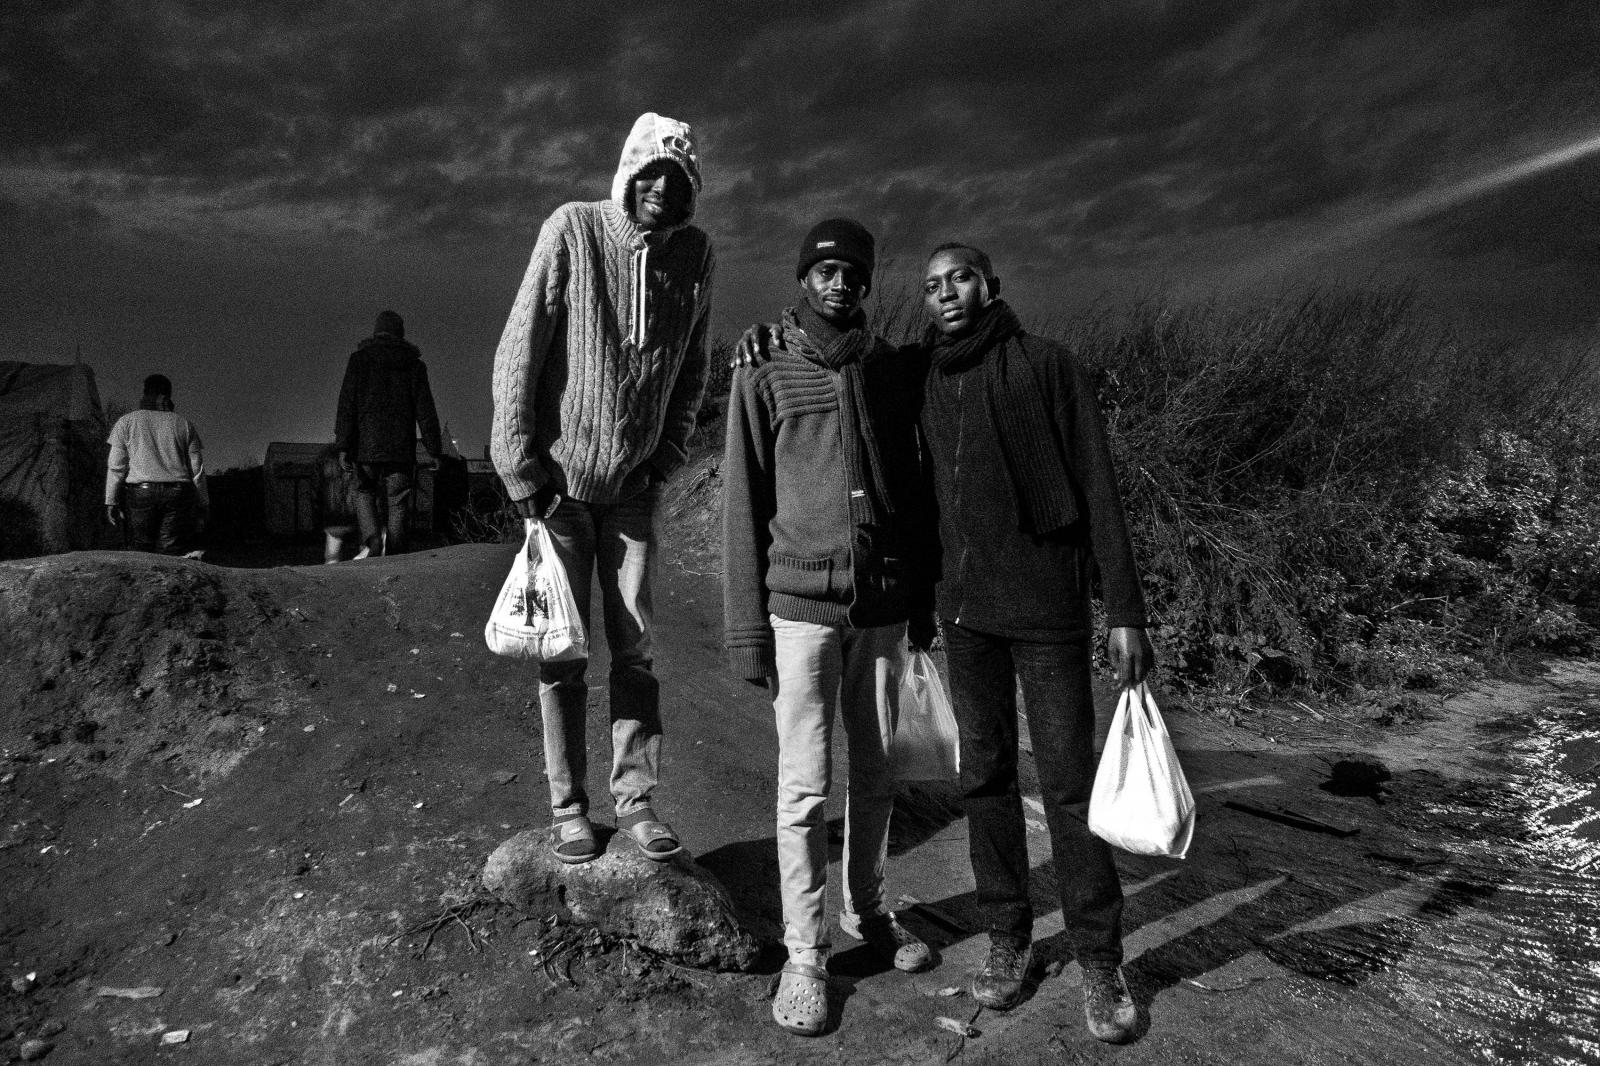 Art and Documentary Photography - Loading The_Zaghawa_of_Sudan_-_Maurizio_Martorana__16.jpg